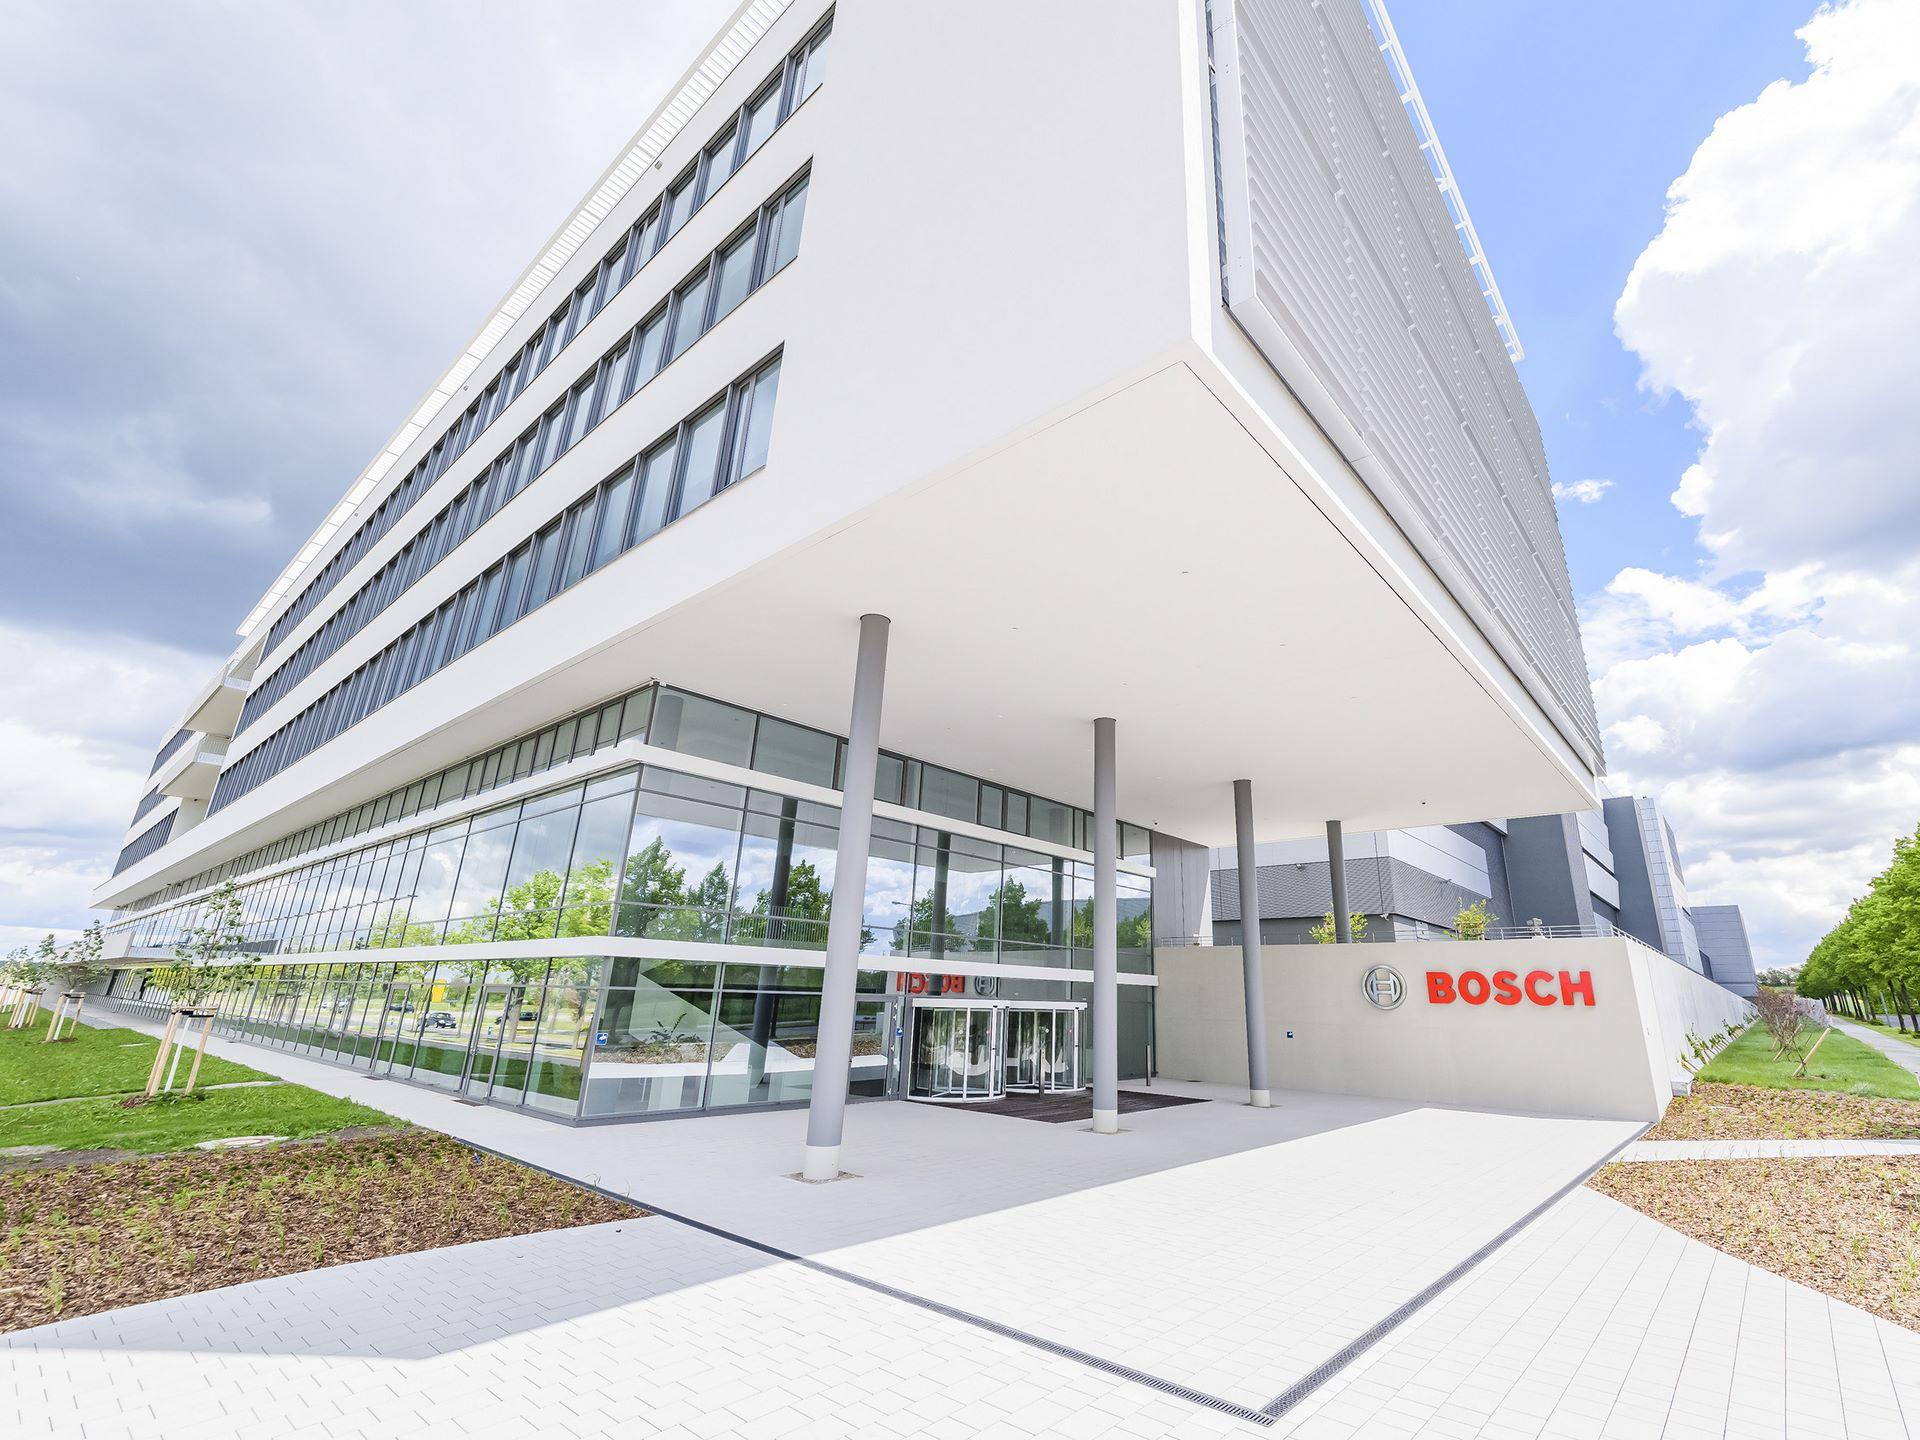 Bosch-chip-factory-Dresden-4